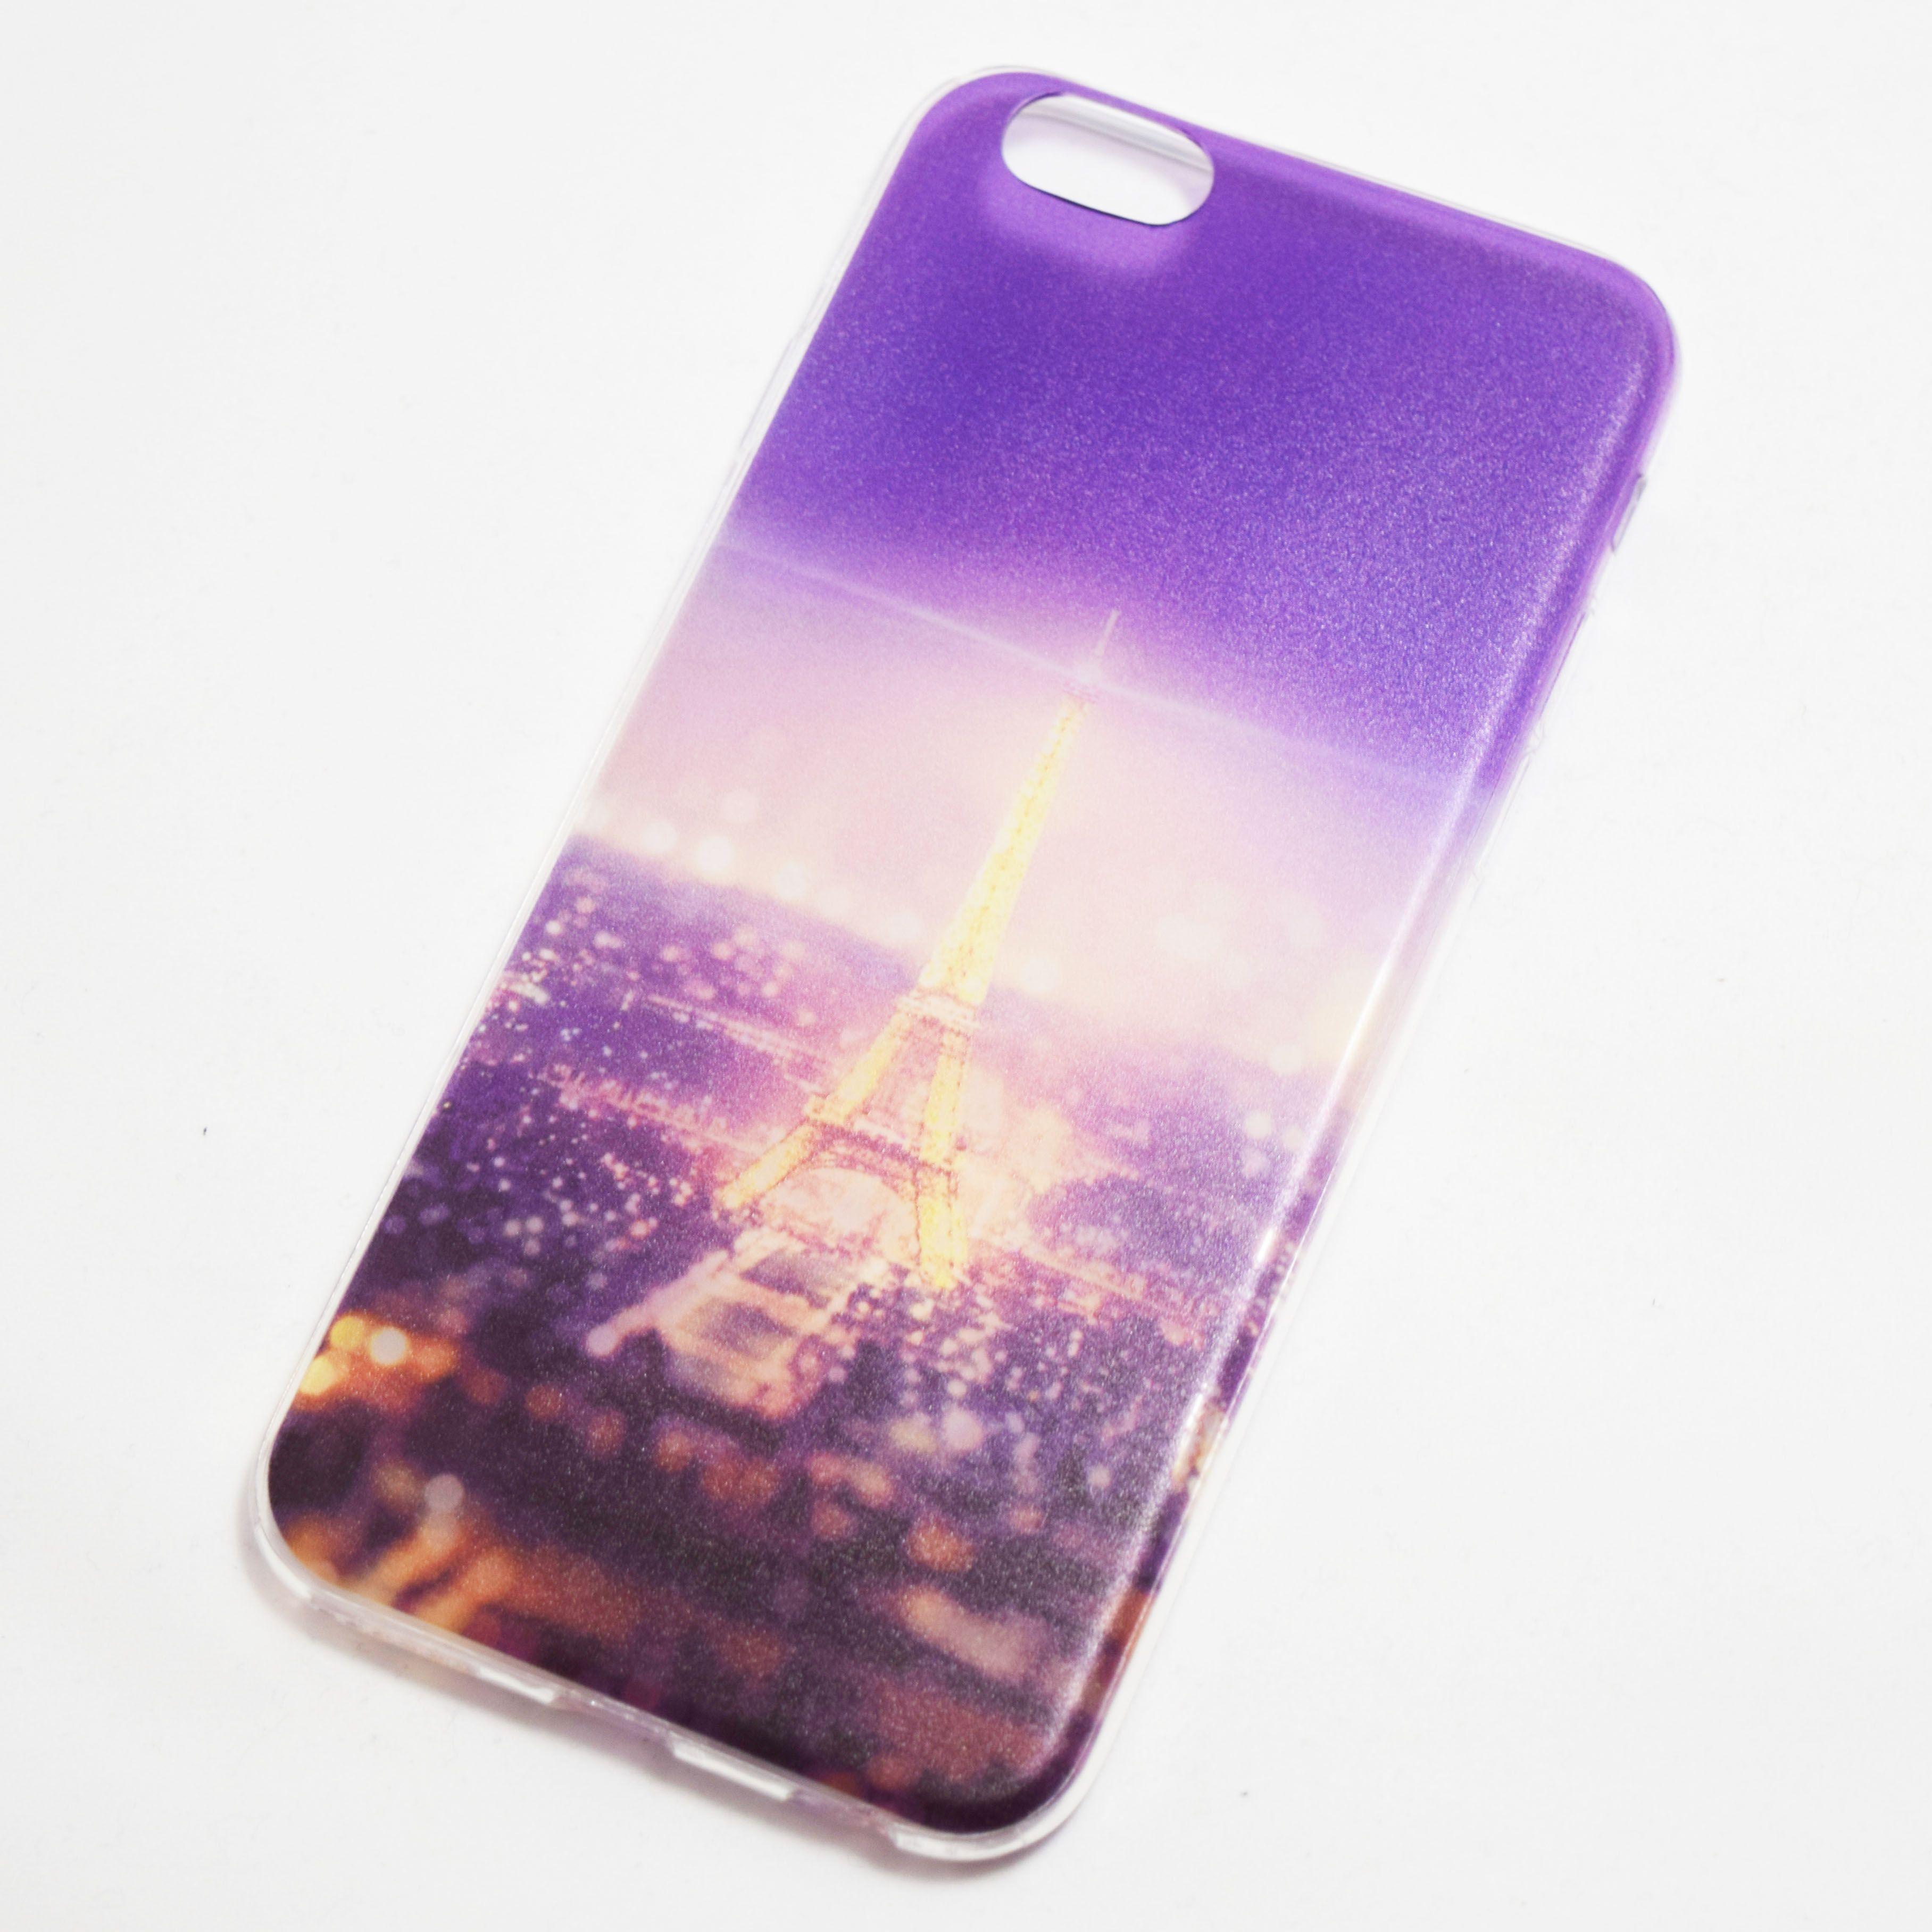 Paris at night iPhone 6 / iPhone 6S Soft Case